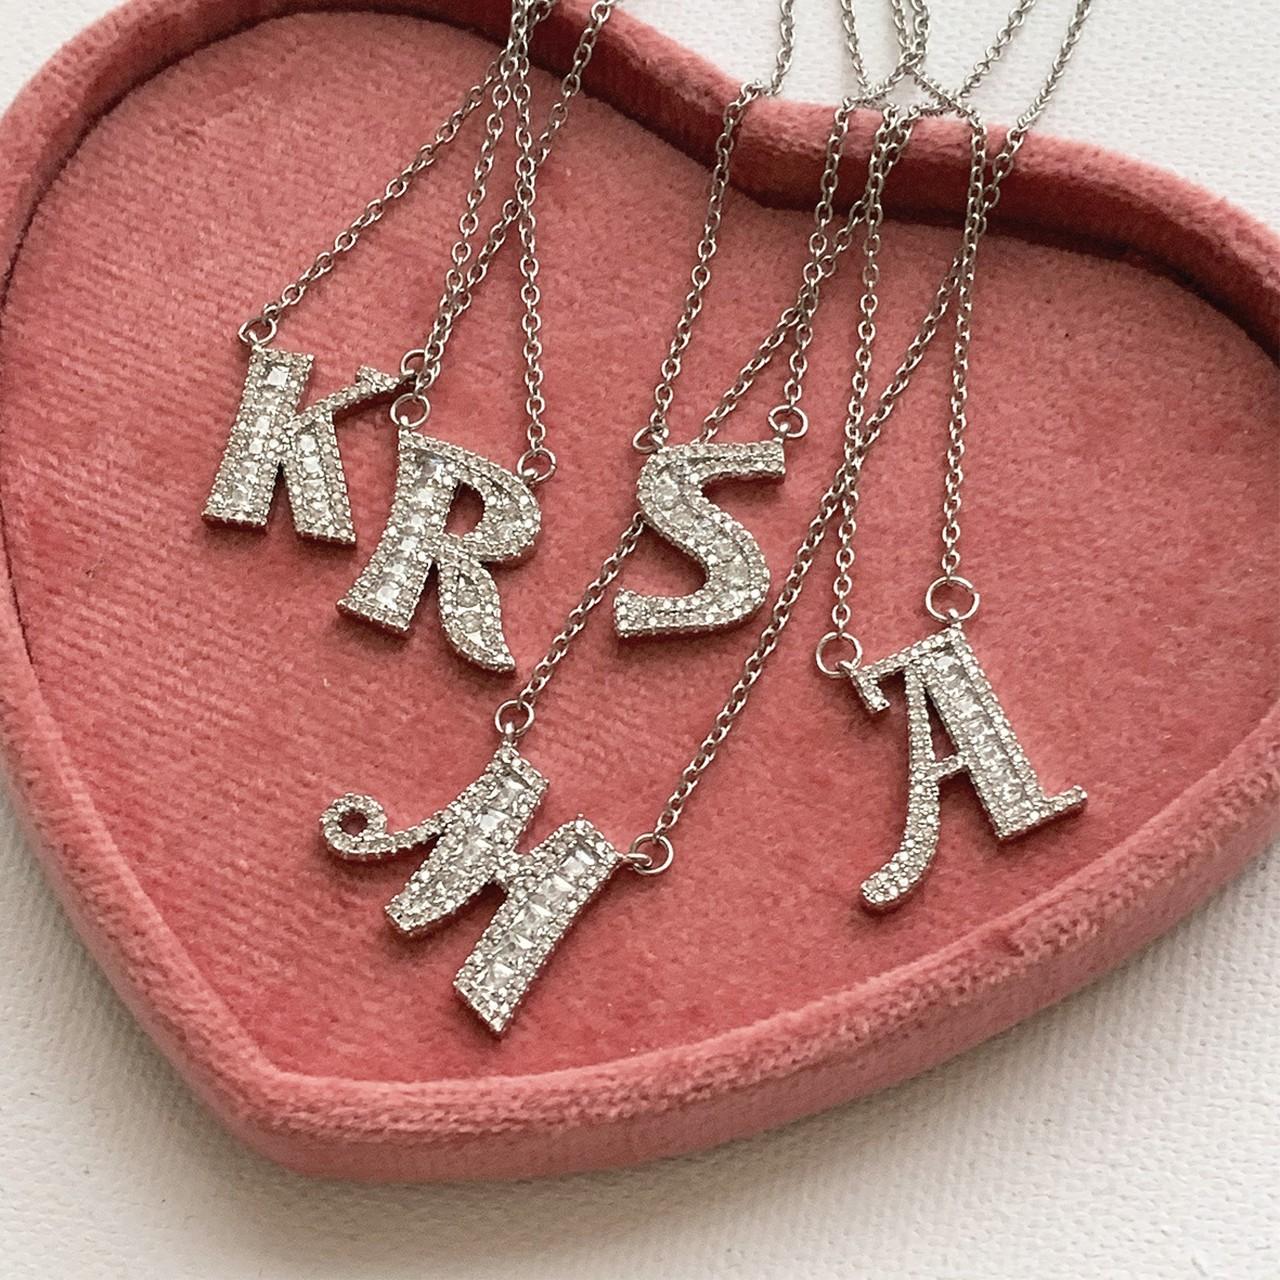 【Cat & Parfum】Kira Kira Initial Necklace